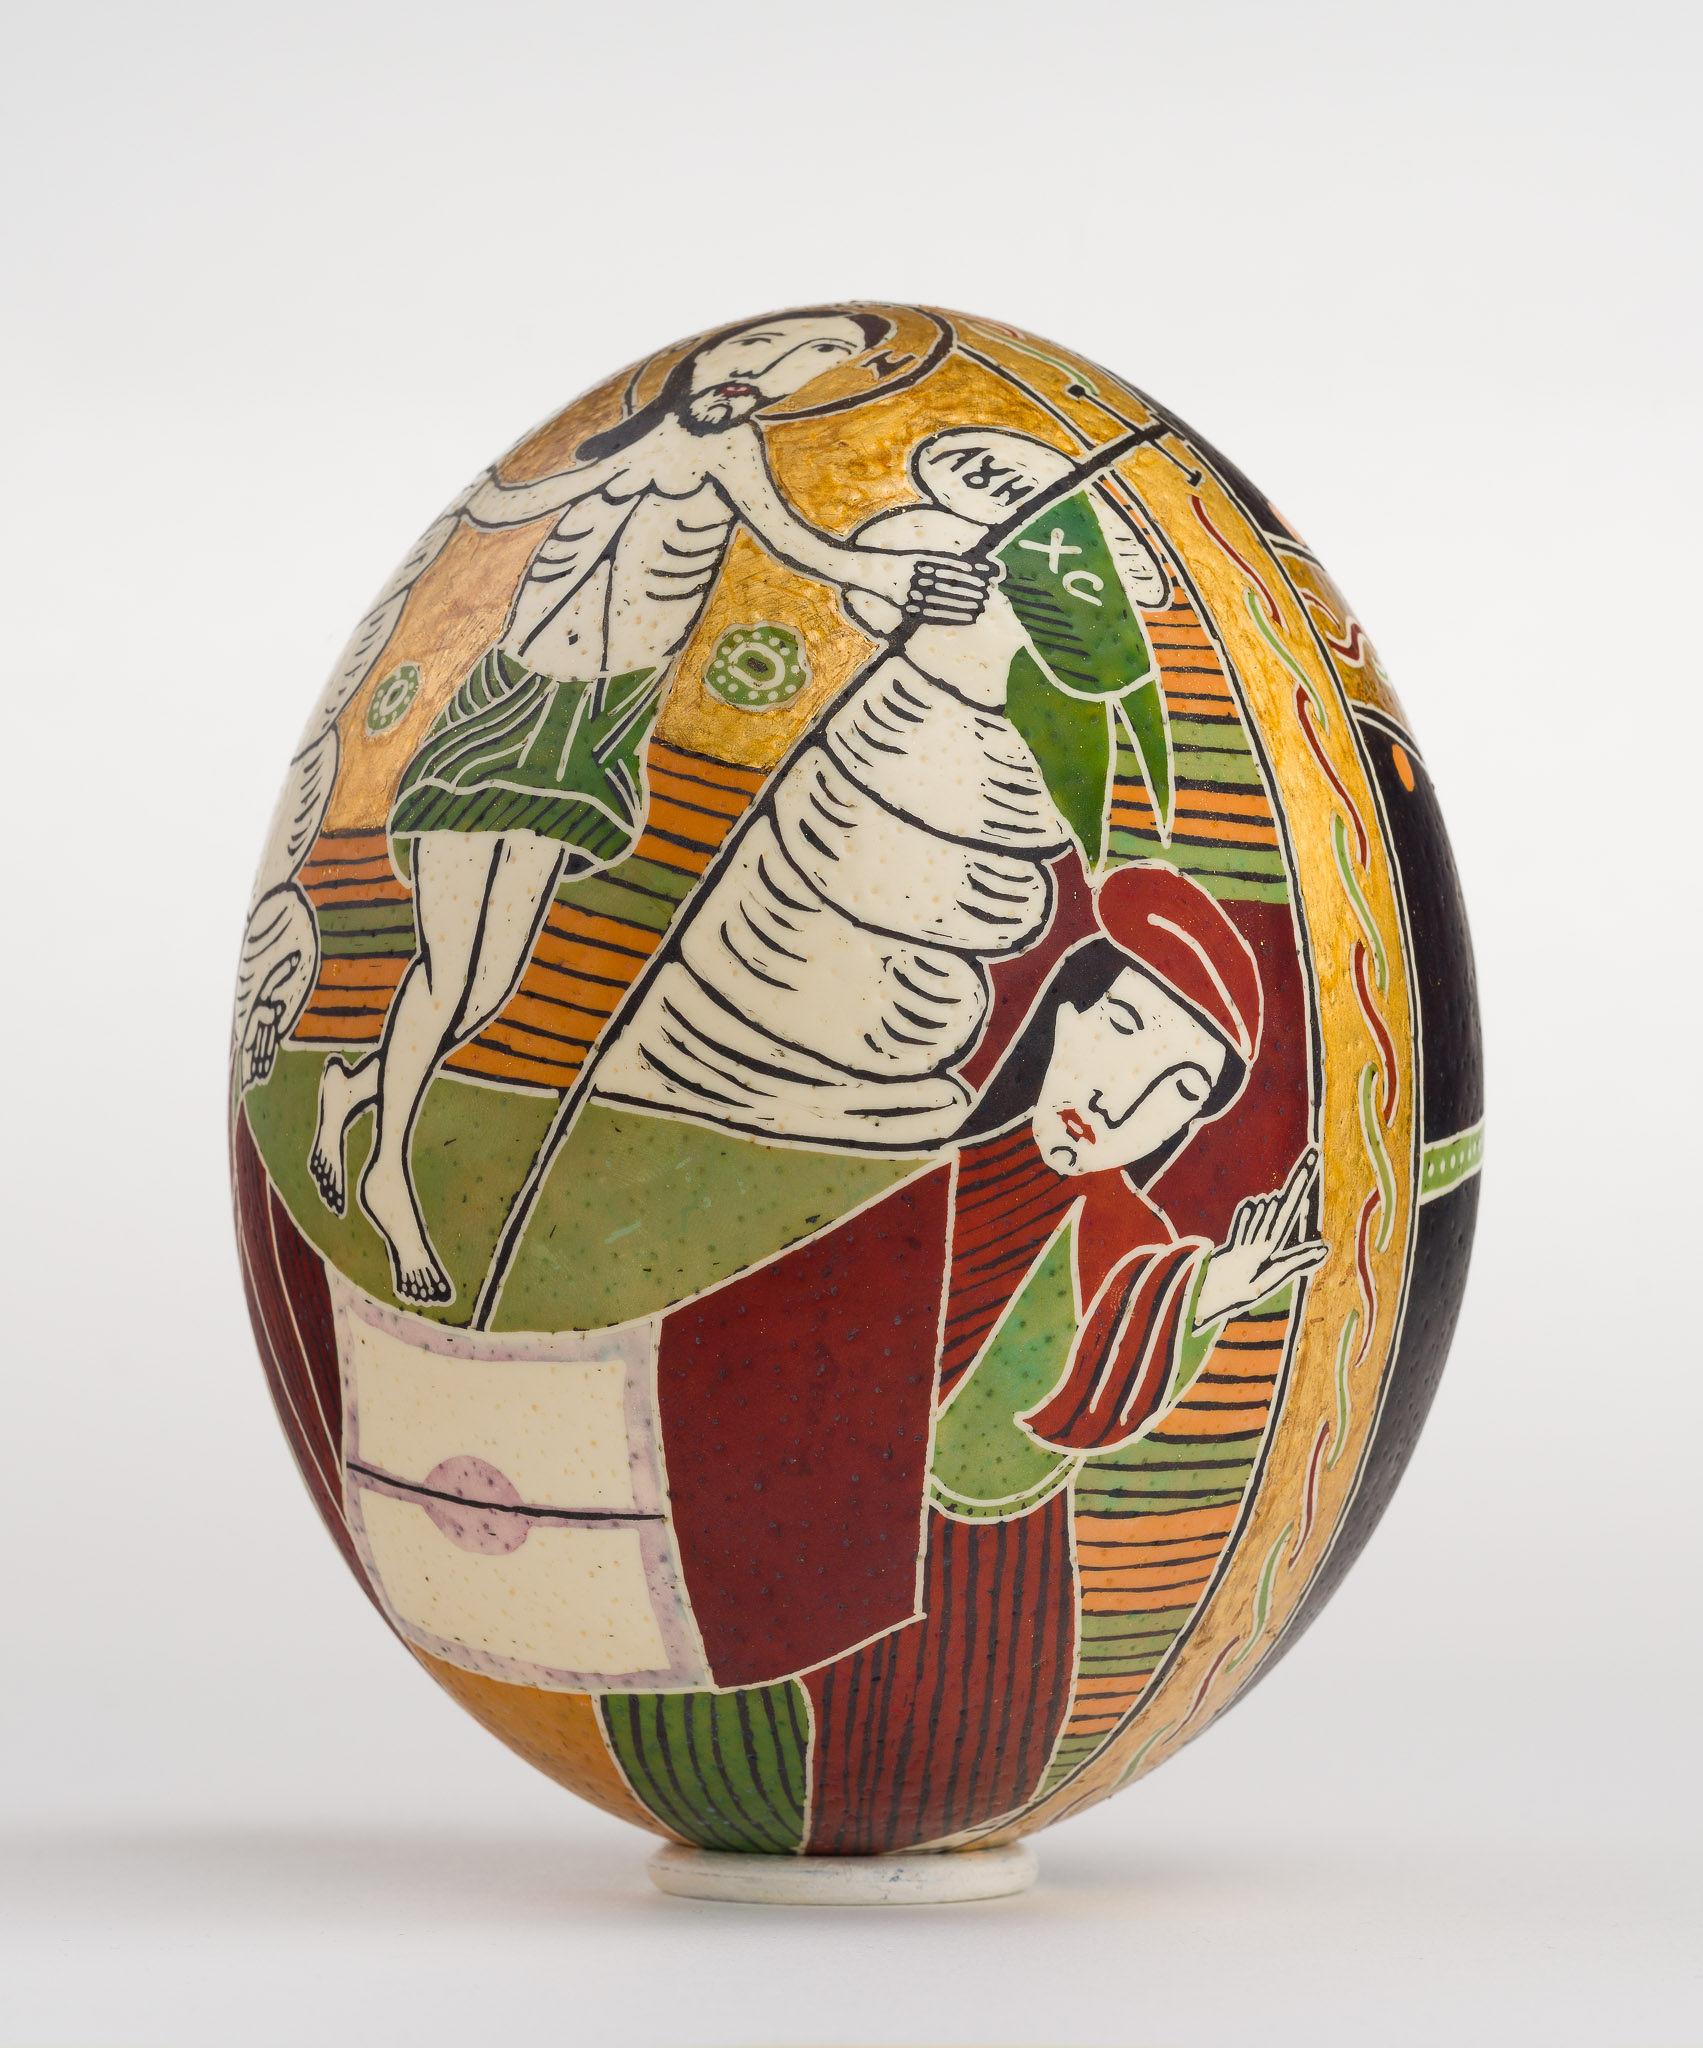 Icoană încondeiată pe ou de struț - Învierea Domnului. Sfintele Paști - maryando-118b.jpg